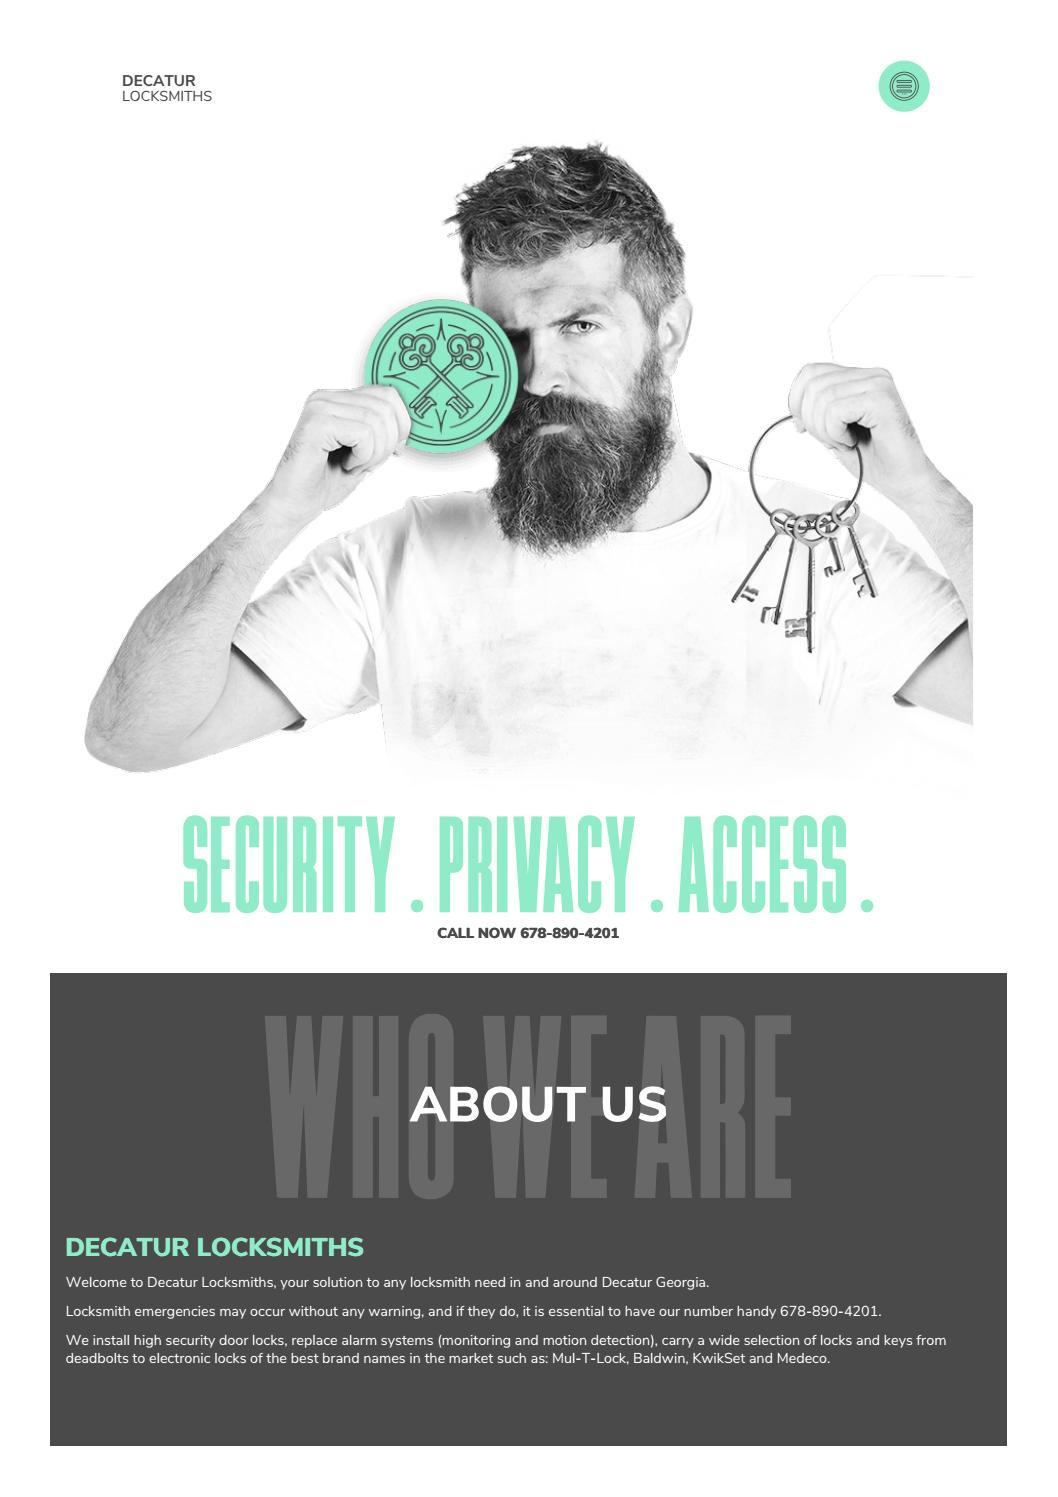 P & G Emergency Locksmith by decaturlocksmiths - issuu